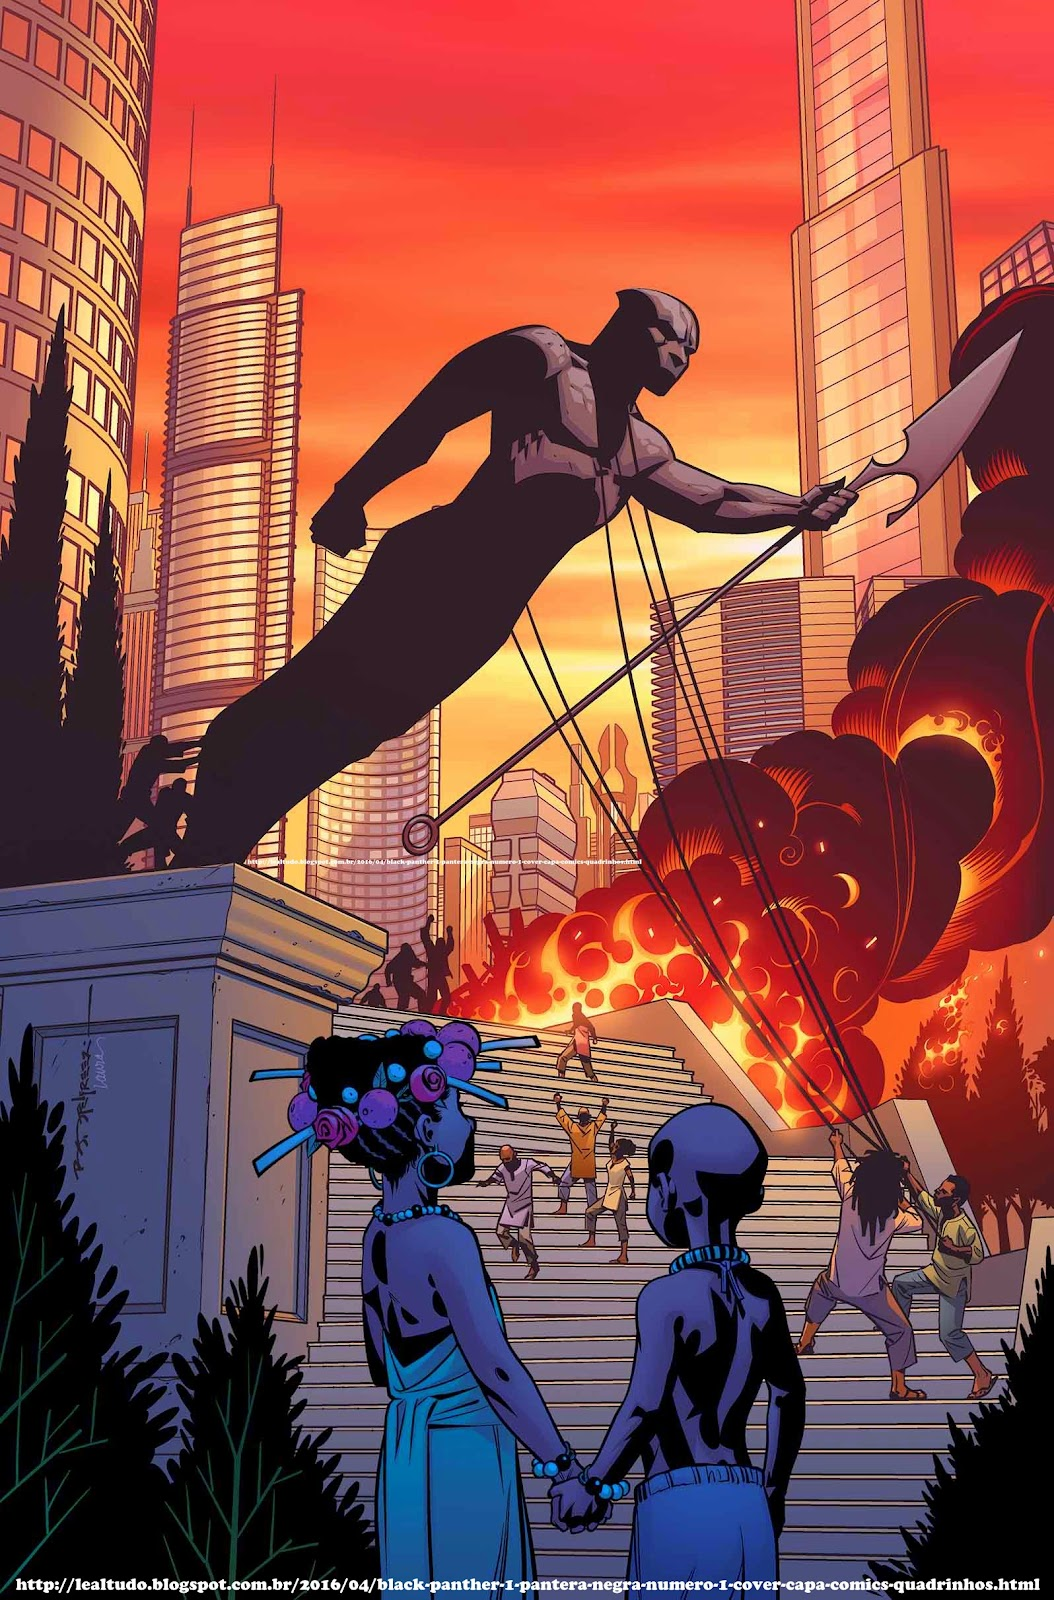 BLACK PANTHER #1 PANTERA NEGRA Número 1 By Ta-Nehisi Coates & Brian Stelfreeze - Desenhos Drawings Comics Revista em Quadrinhos - REVOLUÇÃO